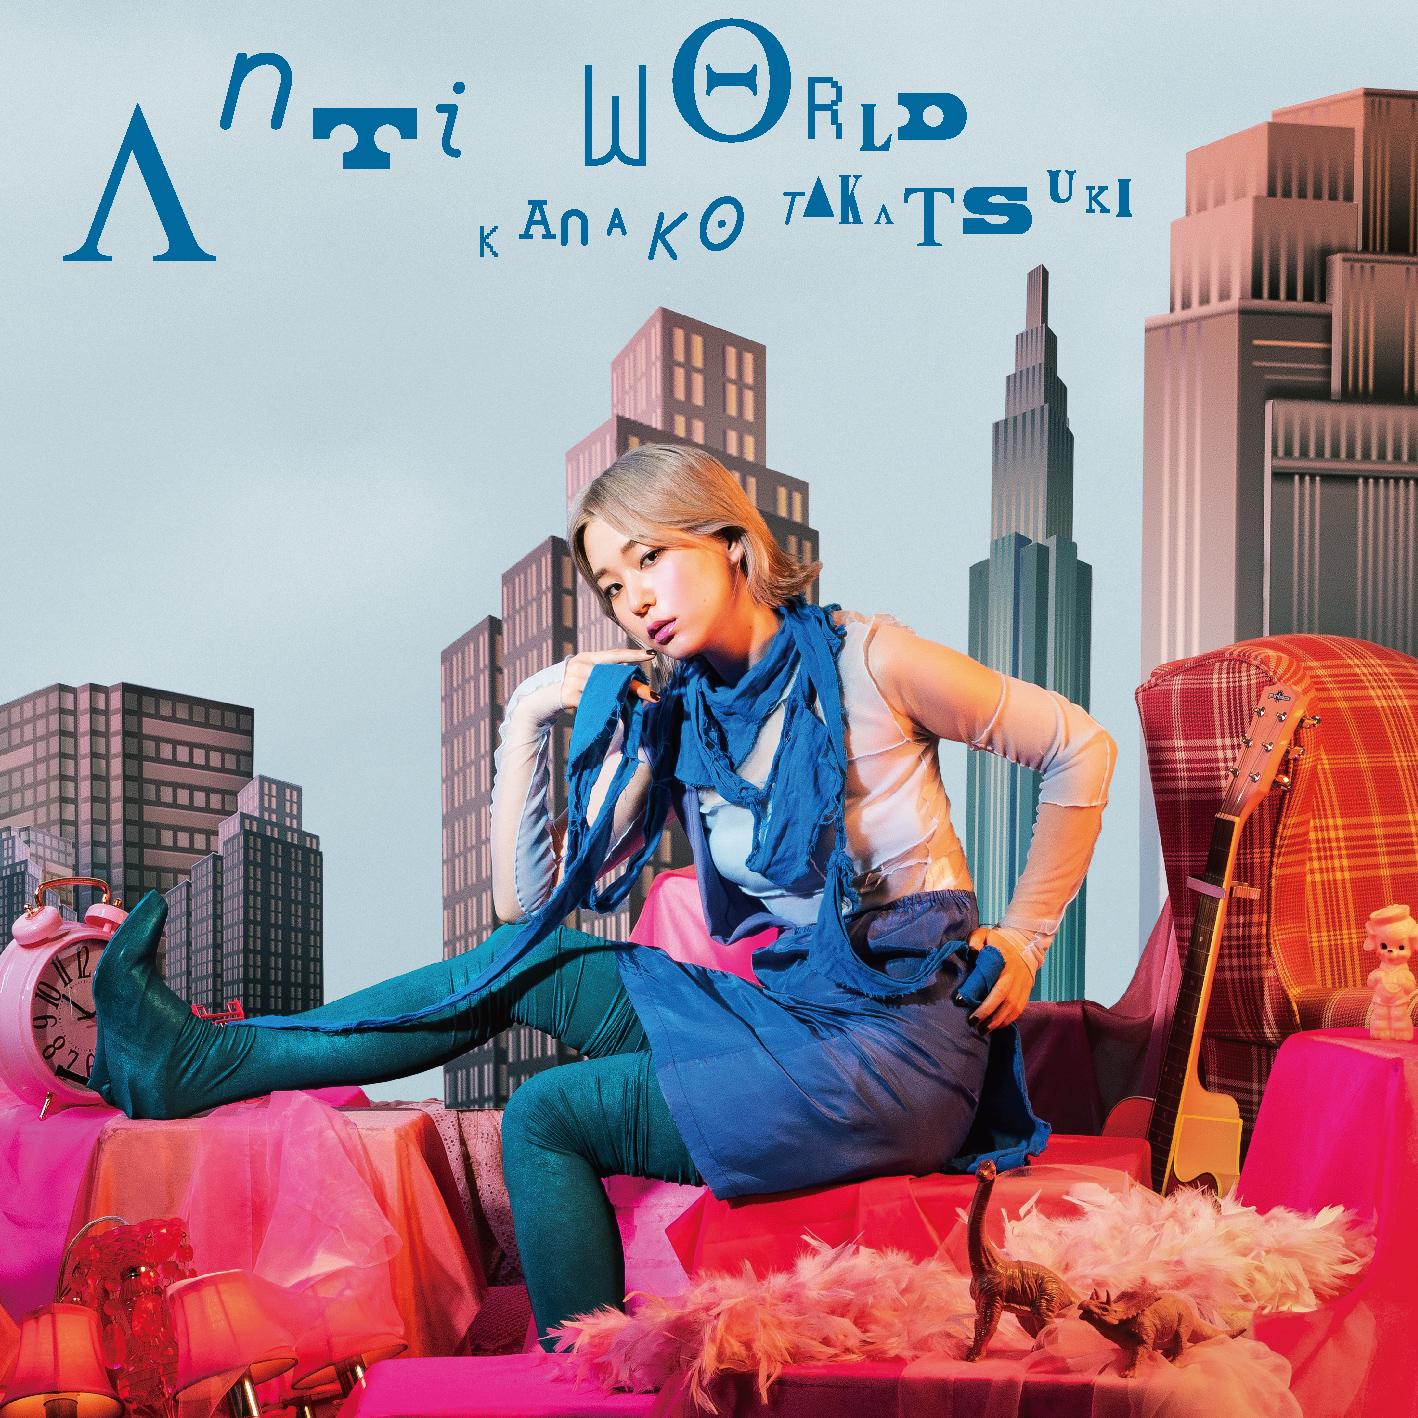 高槻かなこ - Anti world [2020.10.14+MP3+RAR]